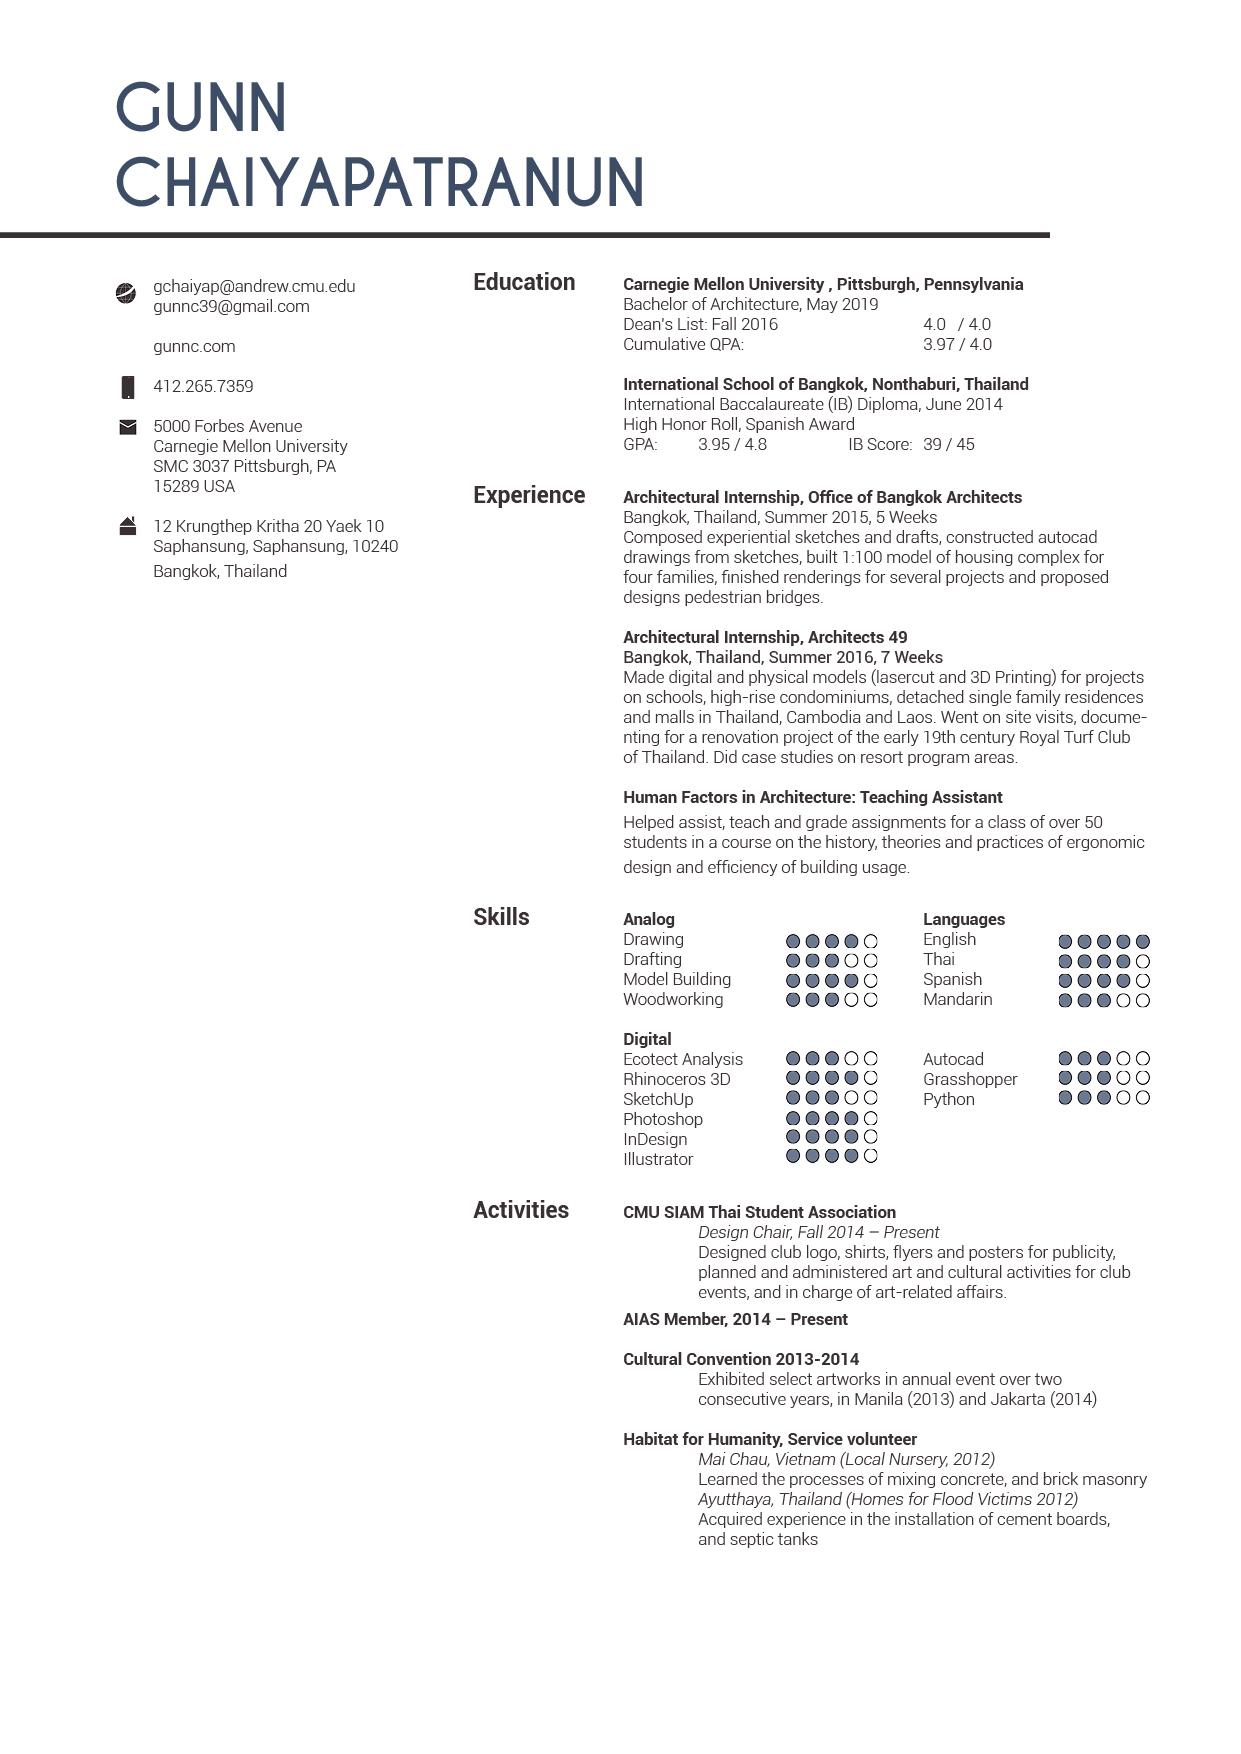 resume website builder resume builders pittsburgh instant resume website best builder websites build - Resume Builder Websites